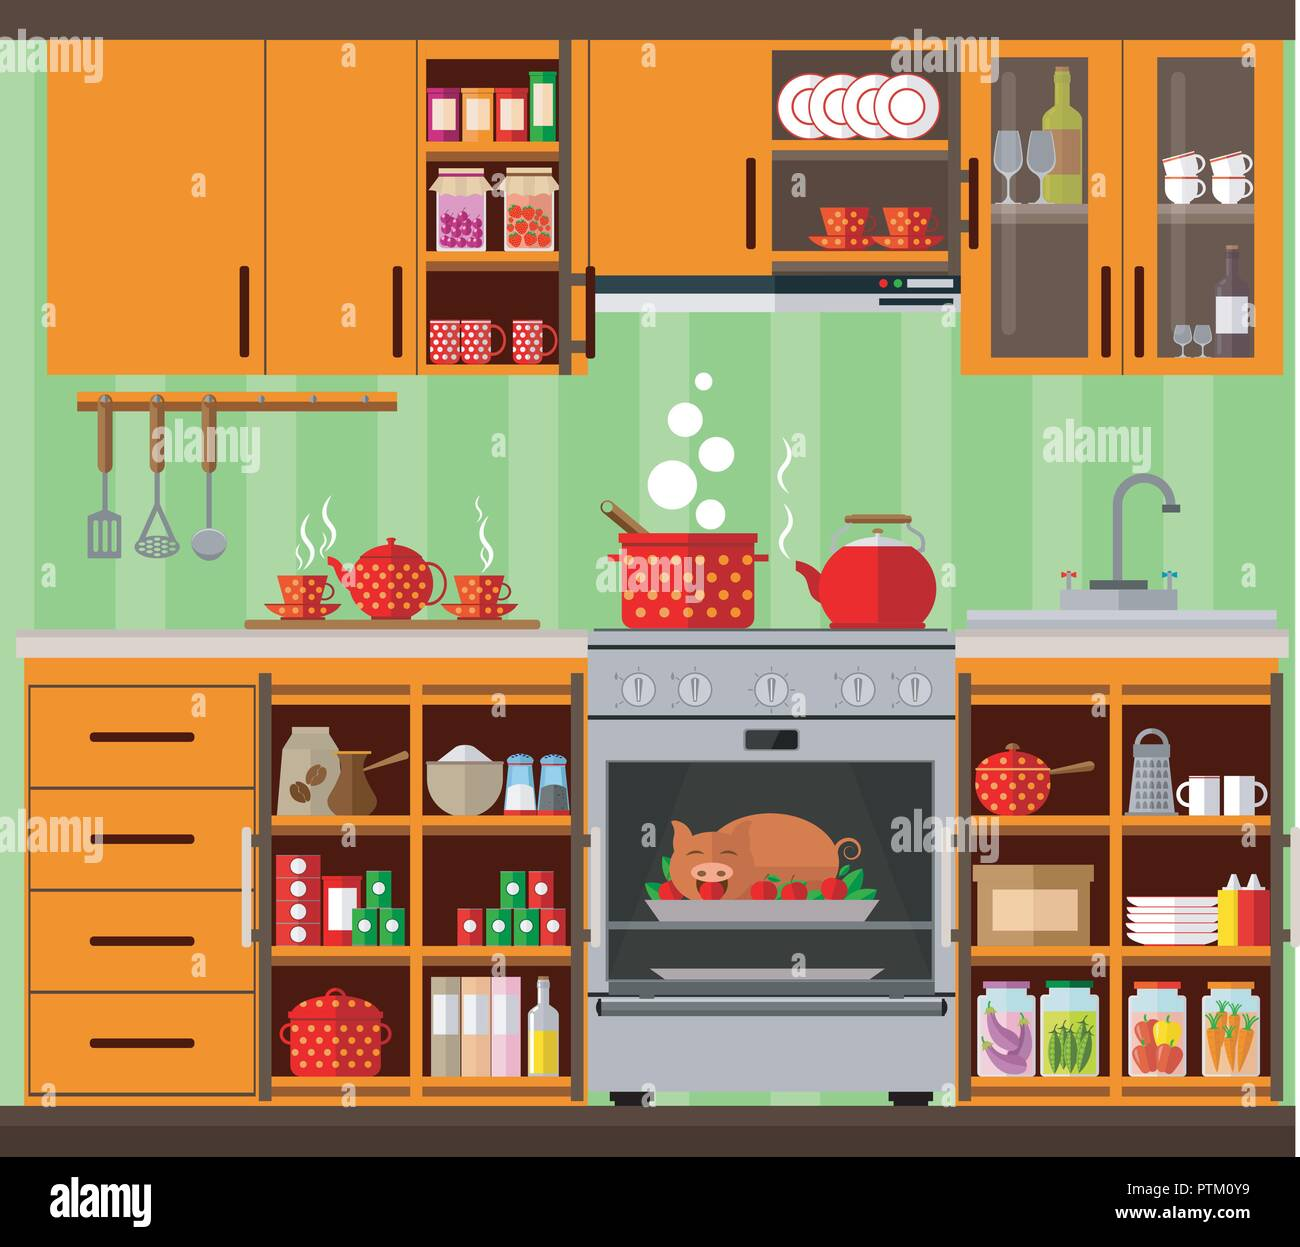 Kitchen Interior In Orange Tones Set Of Kitchen Furniture Dishes